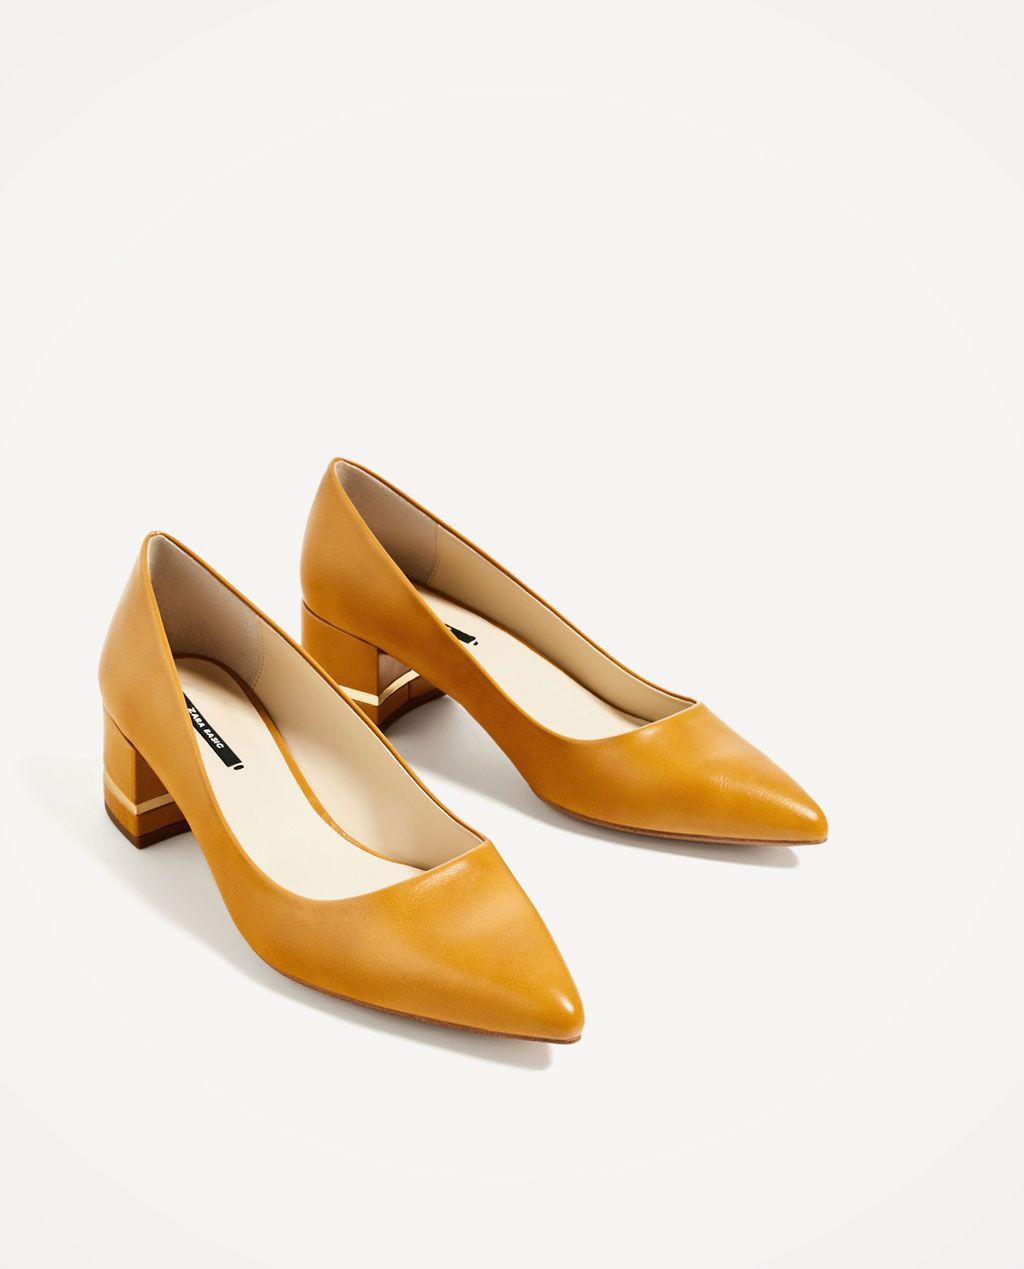 e3b112fa ZAPATO TACÓN ANCHO DETALLE METAL-Zapatos tacón-ZAPATOS-MUJER | ZARA Estados  Unidos